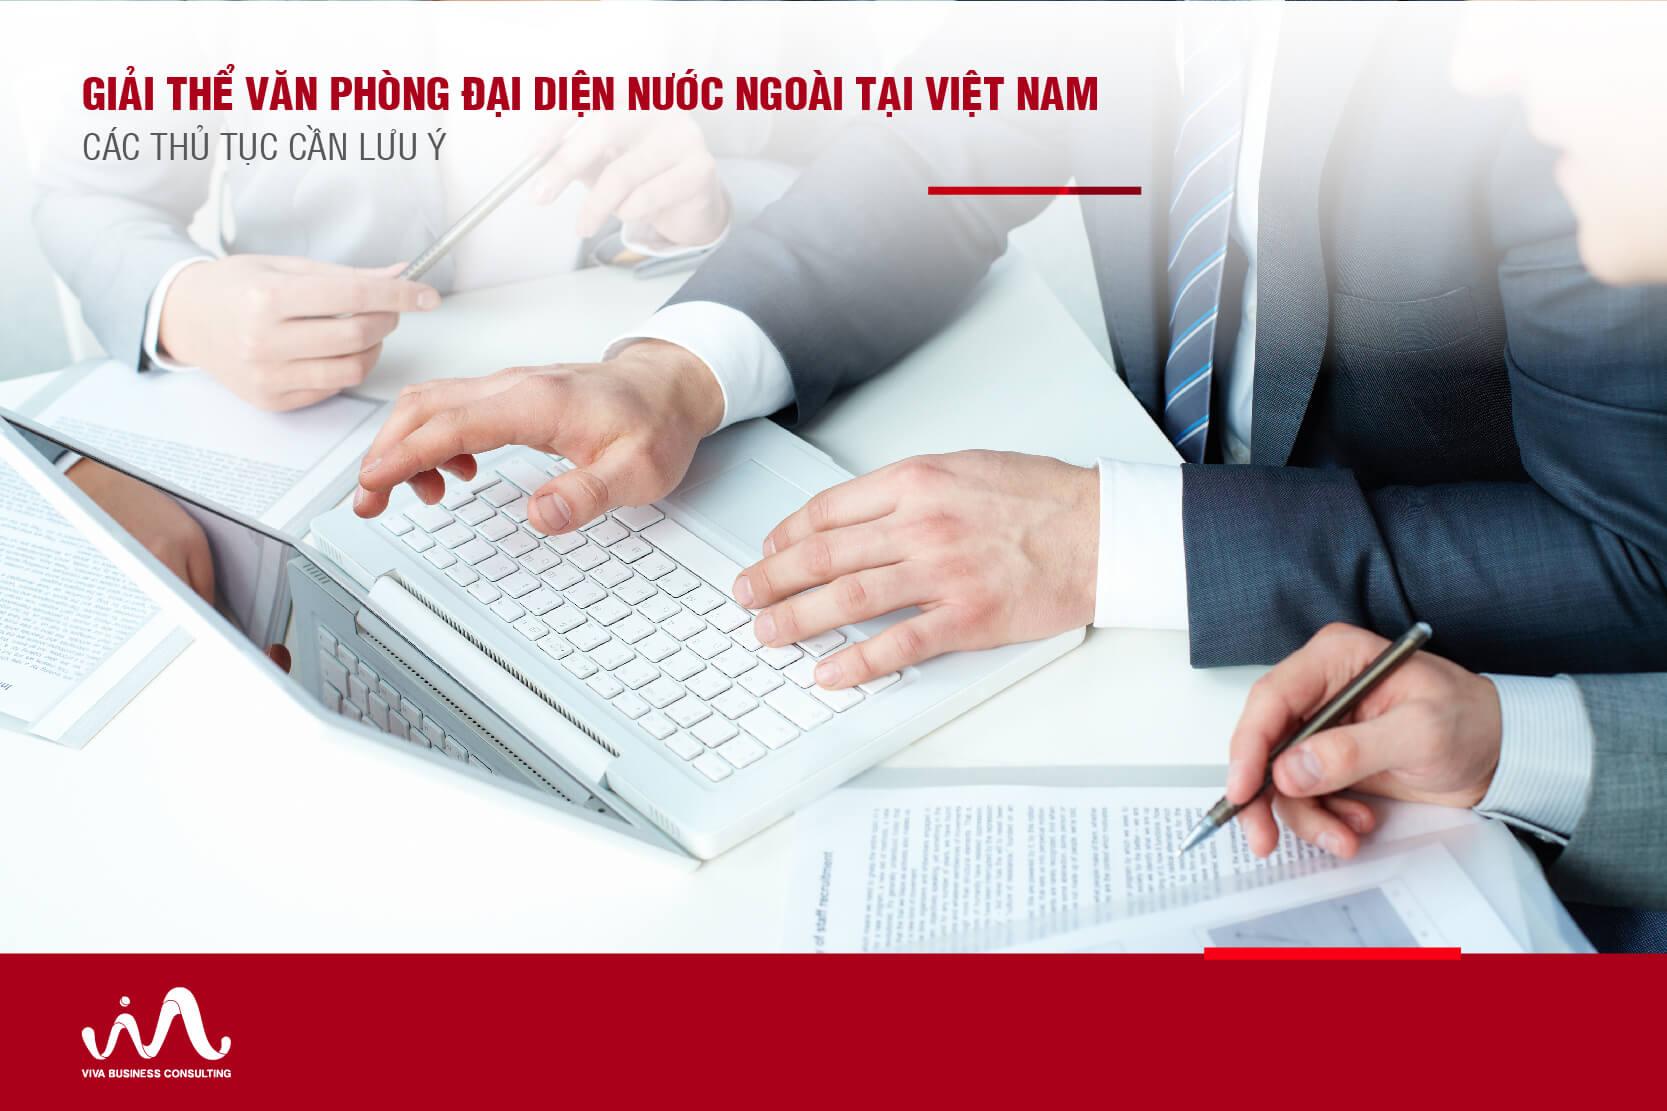 Giải Thể Văn Phòng Đại Diện Nước Ngoài Tại Việt Nam - Các Thủ Tục Cần Lưu Ý